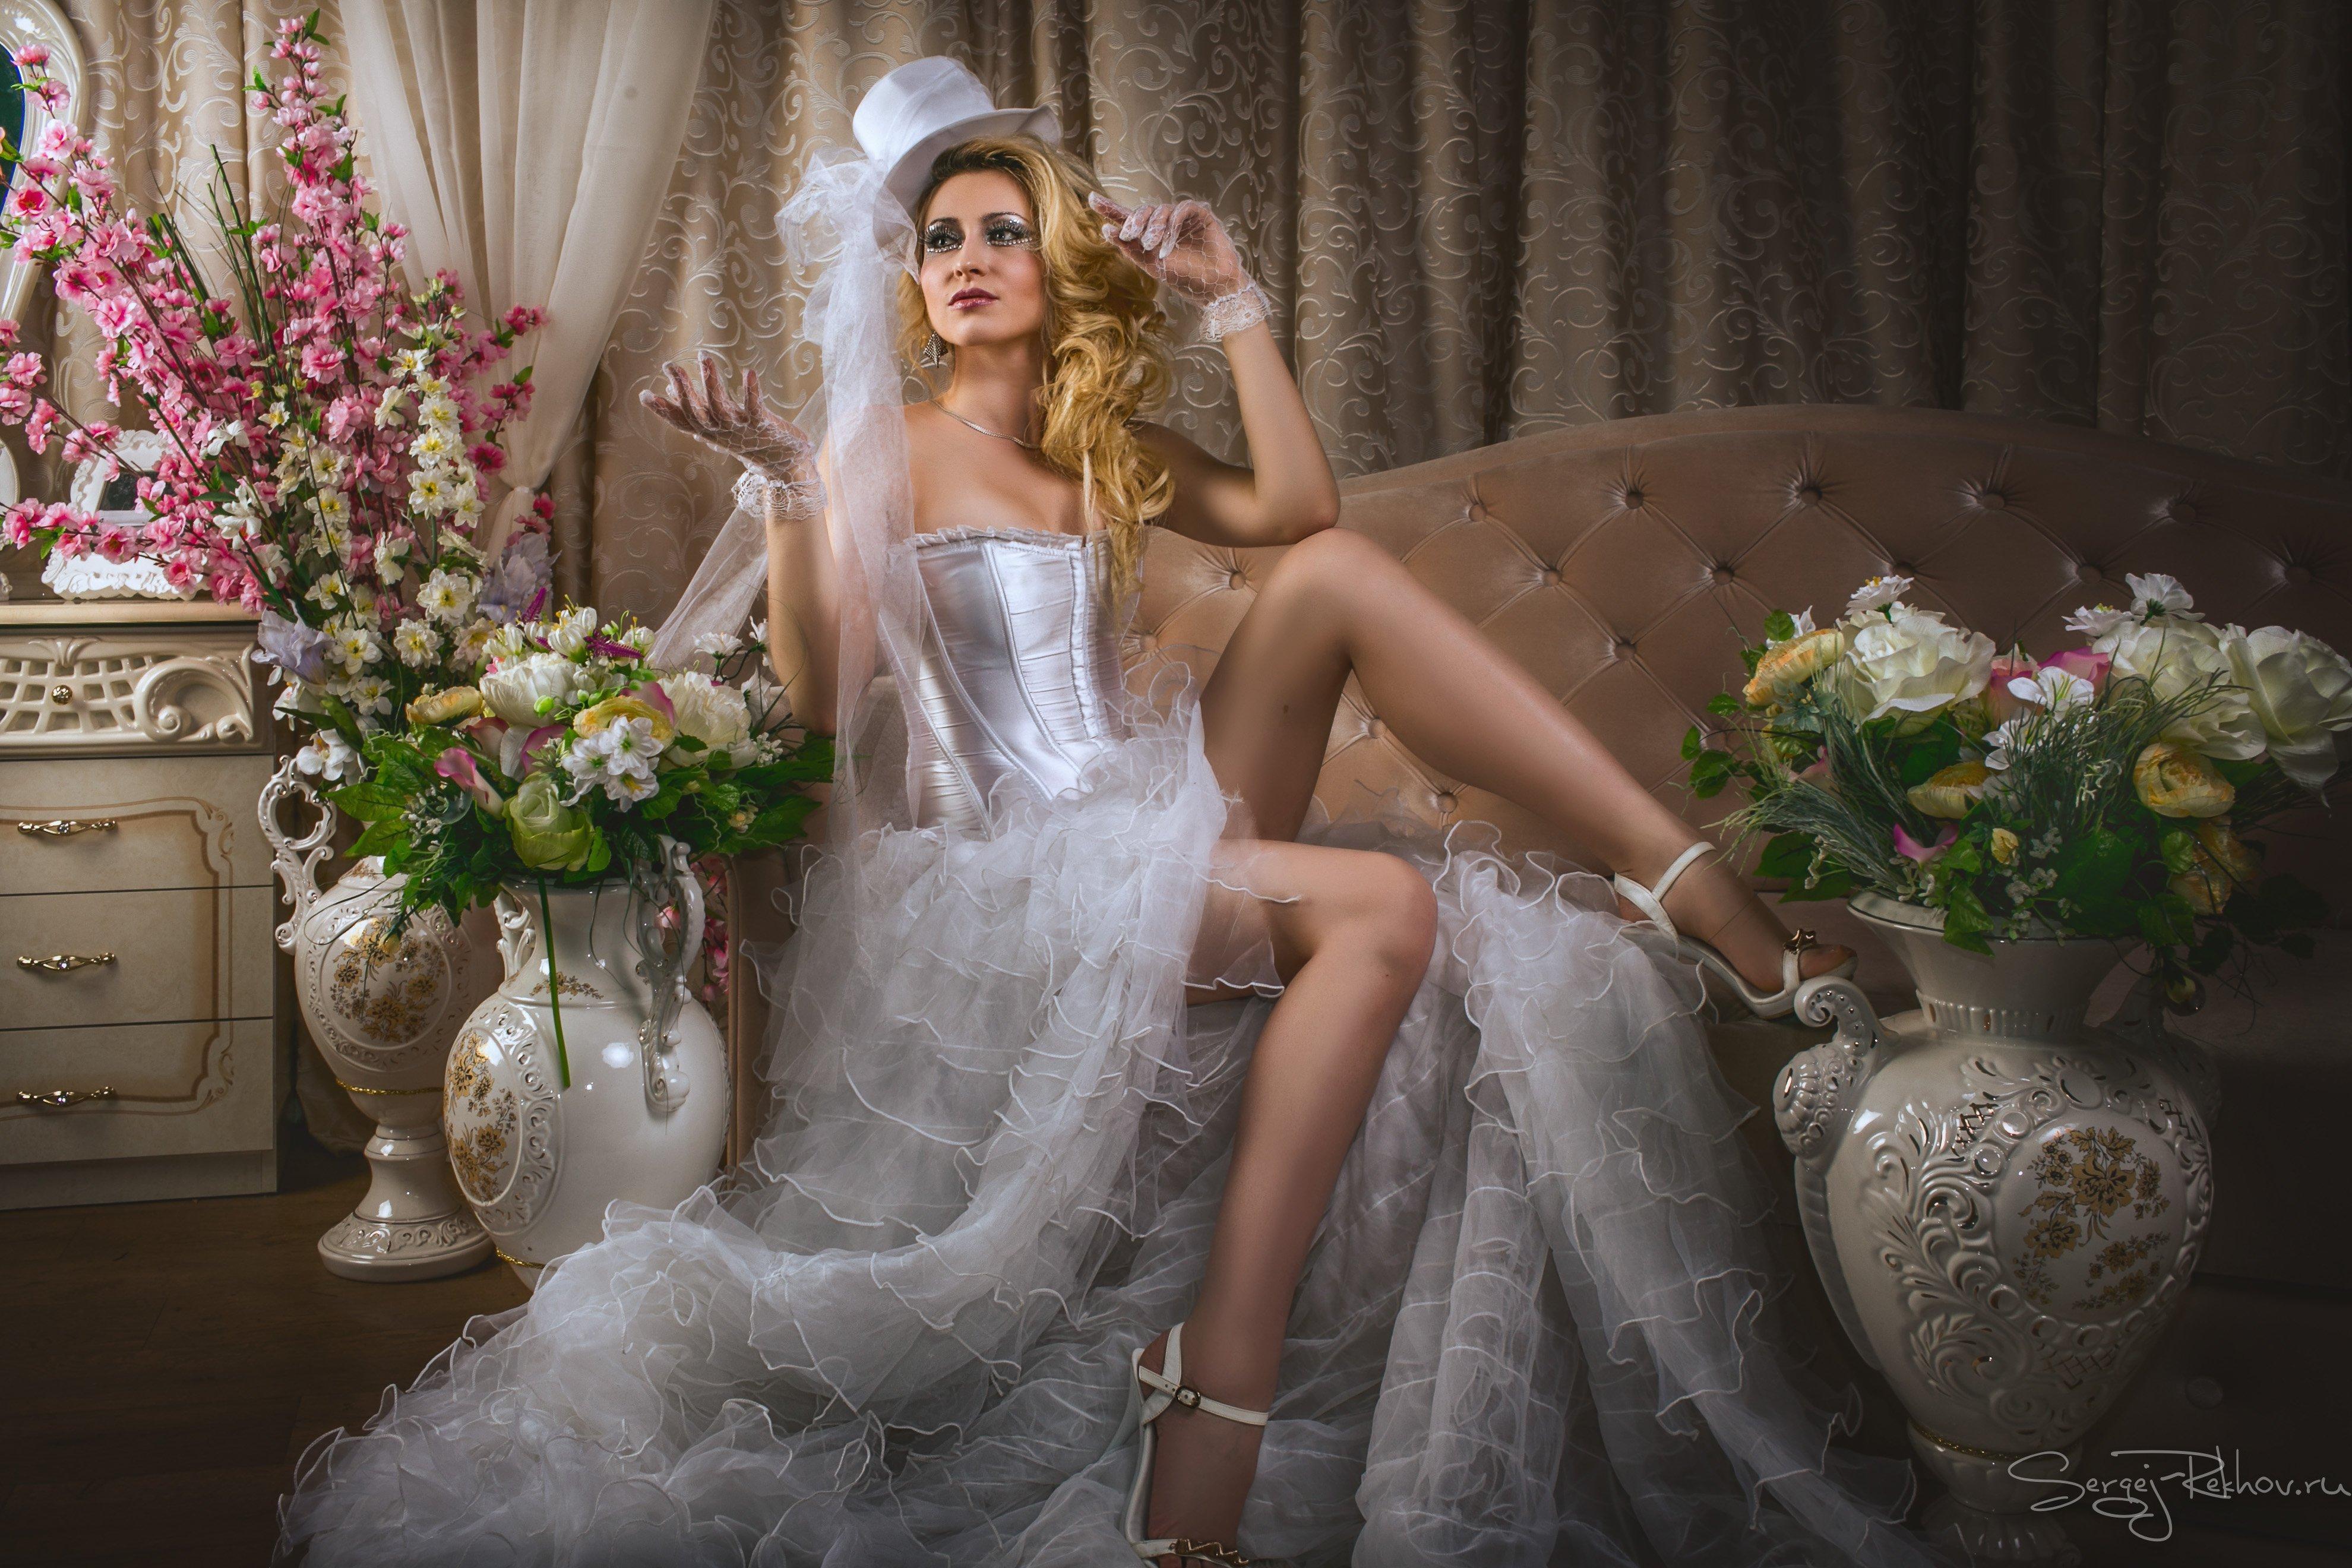 девушка, модель, портрет, гламур, rekhov, Сергей Рехов